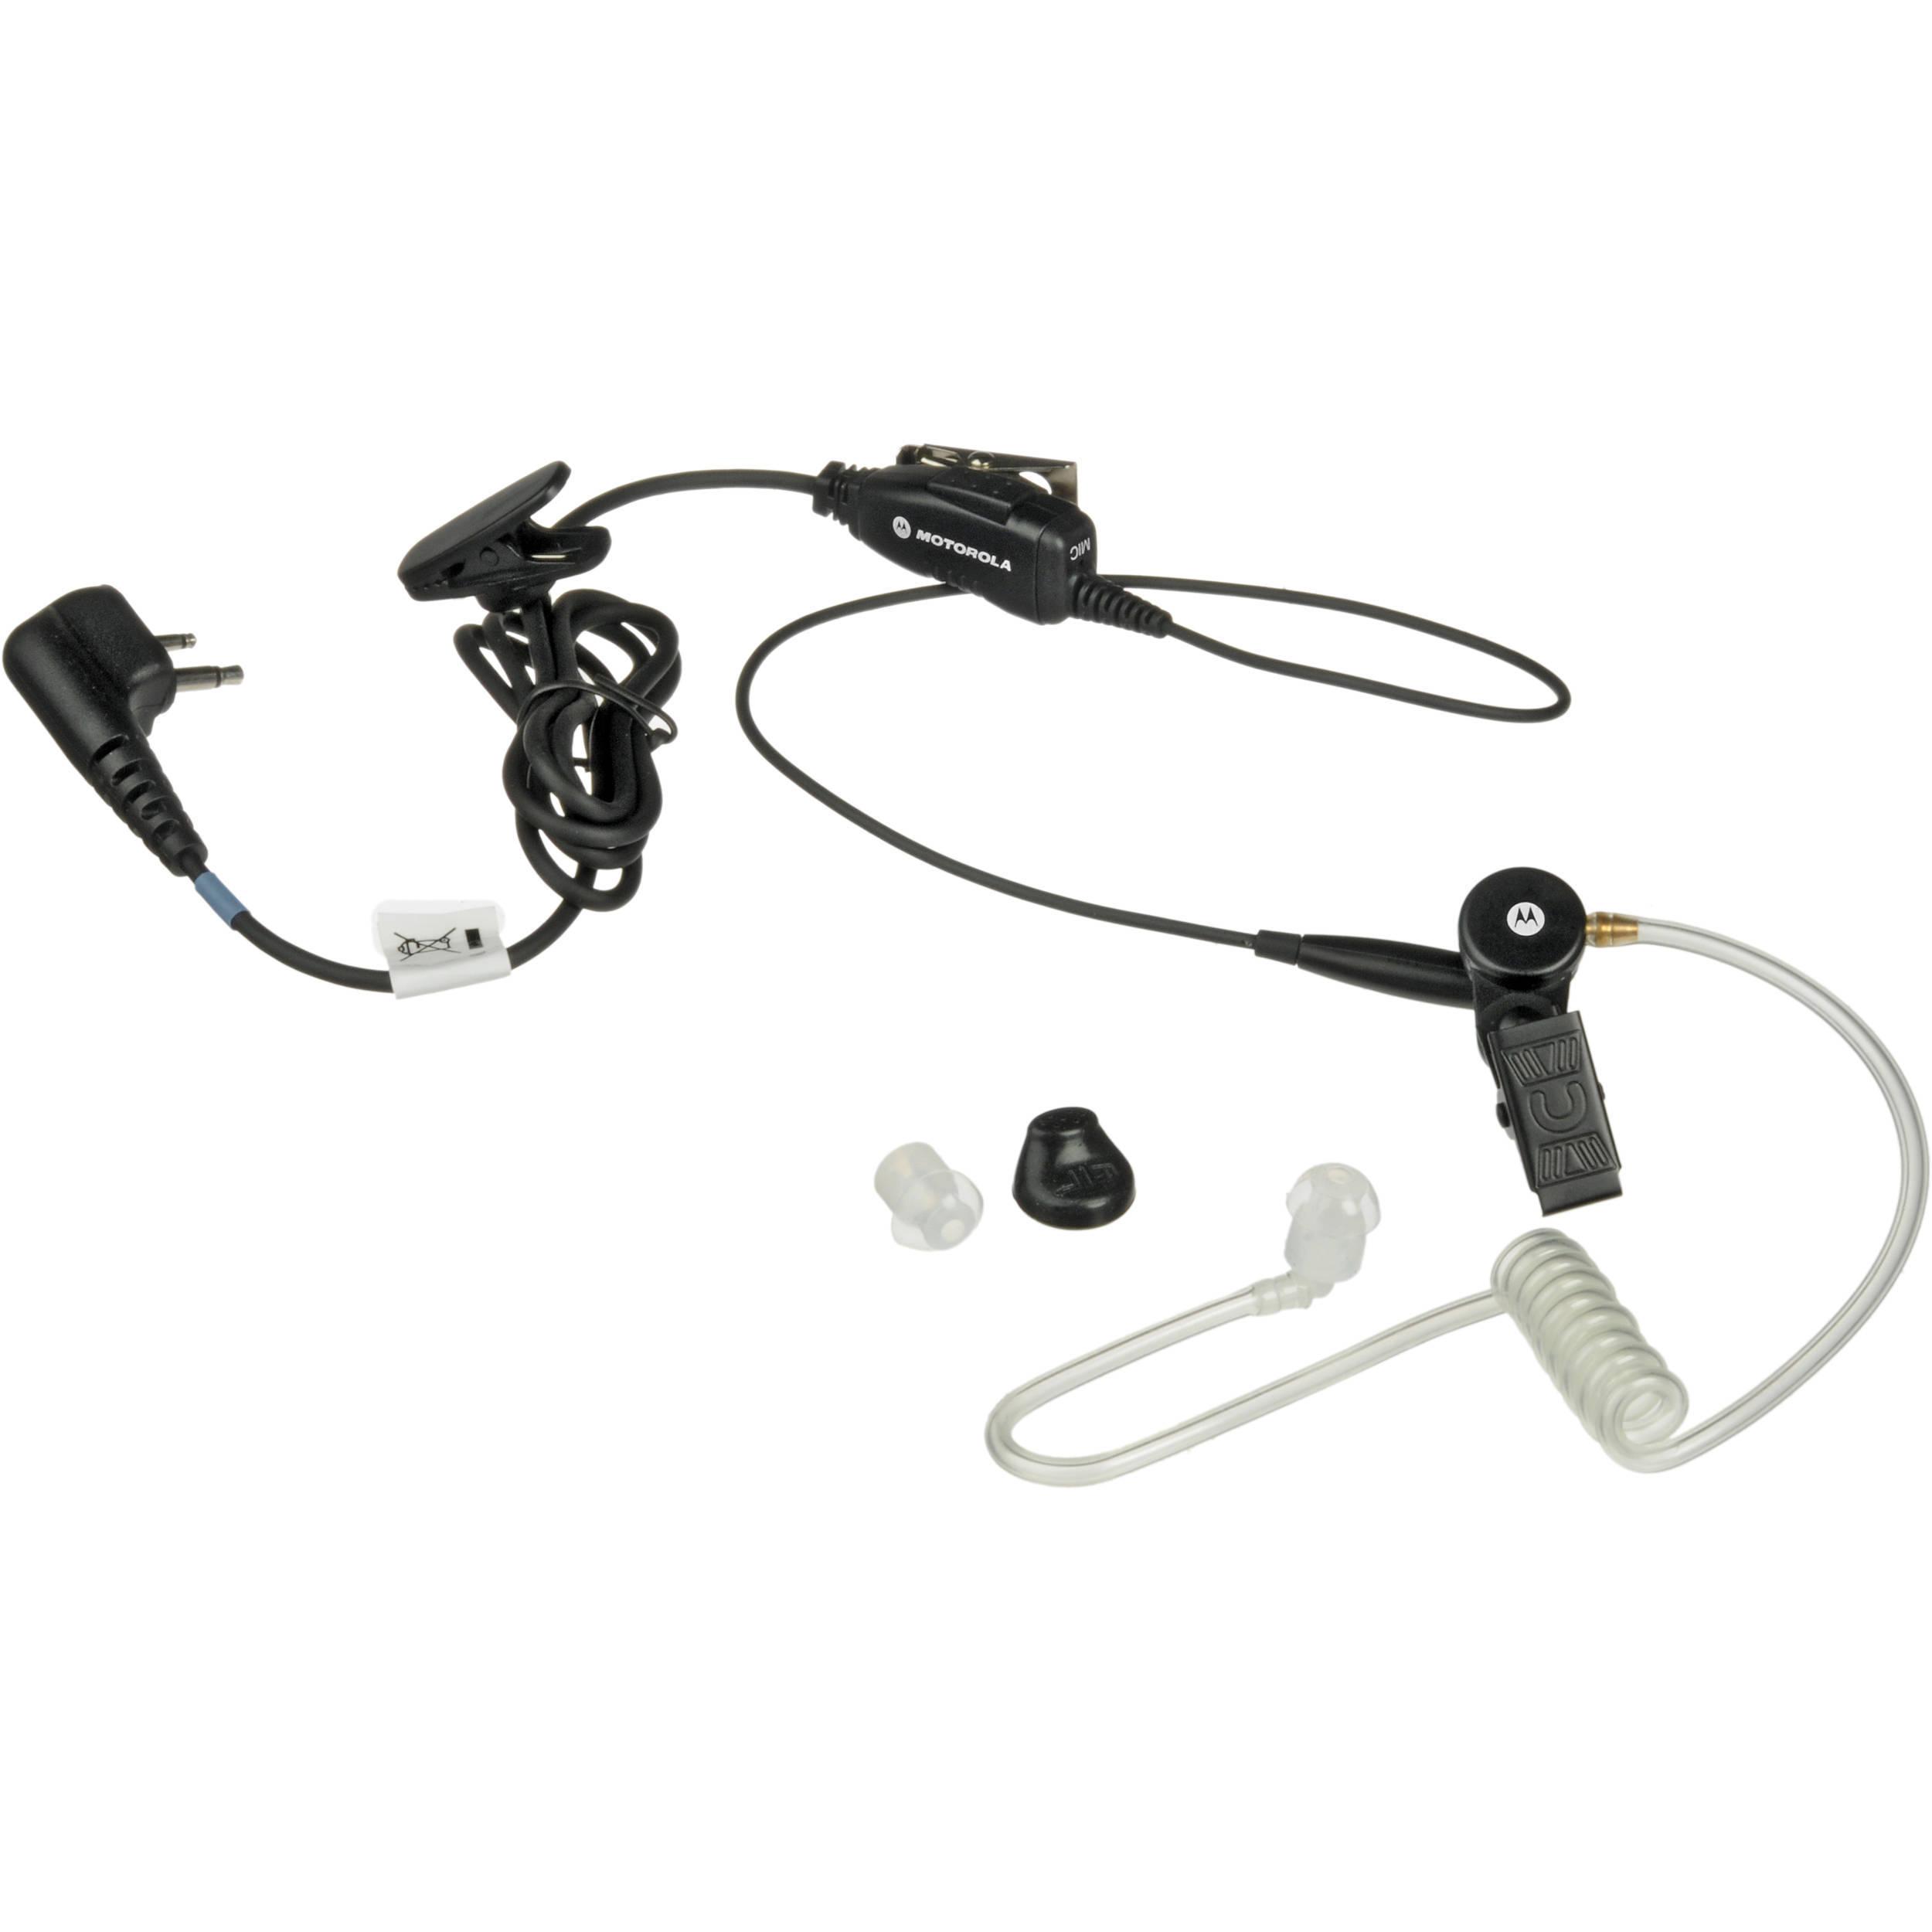 motorola hkln4601 single wire surveillance earpiece